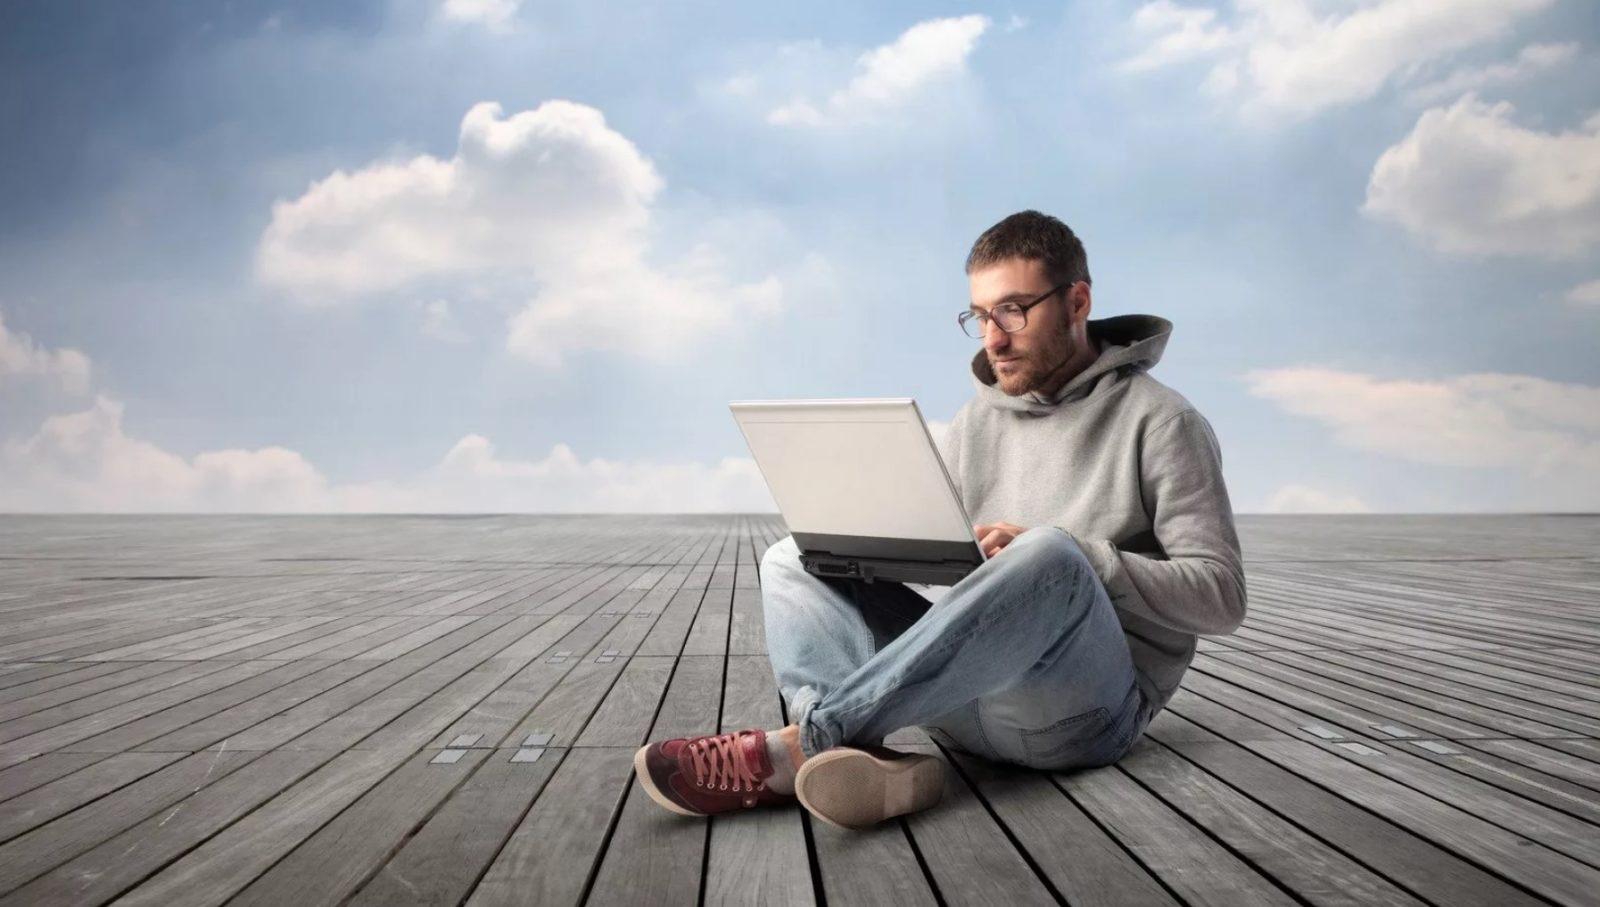 5 изменений в жизни, связанные с Блогингом